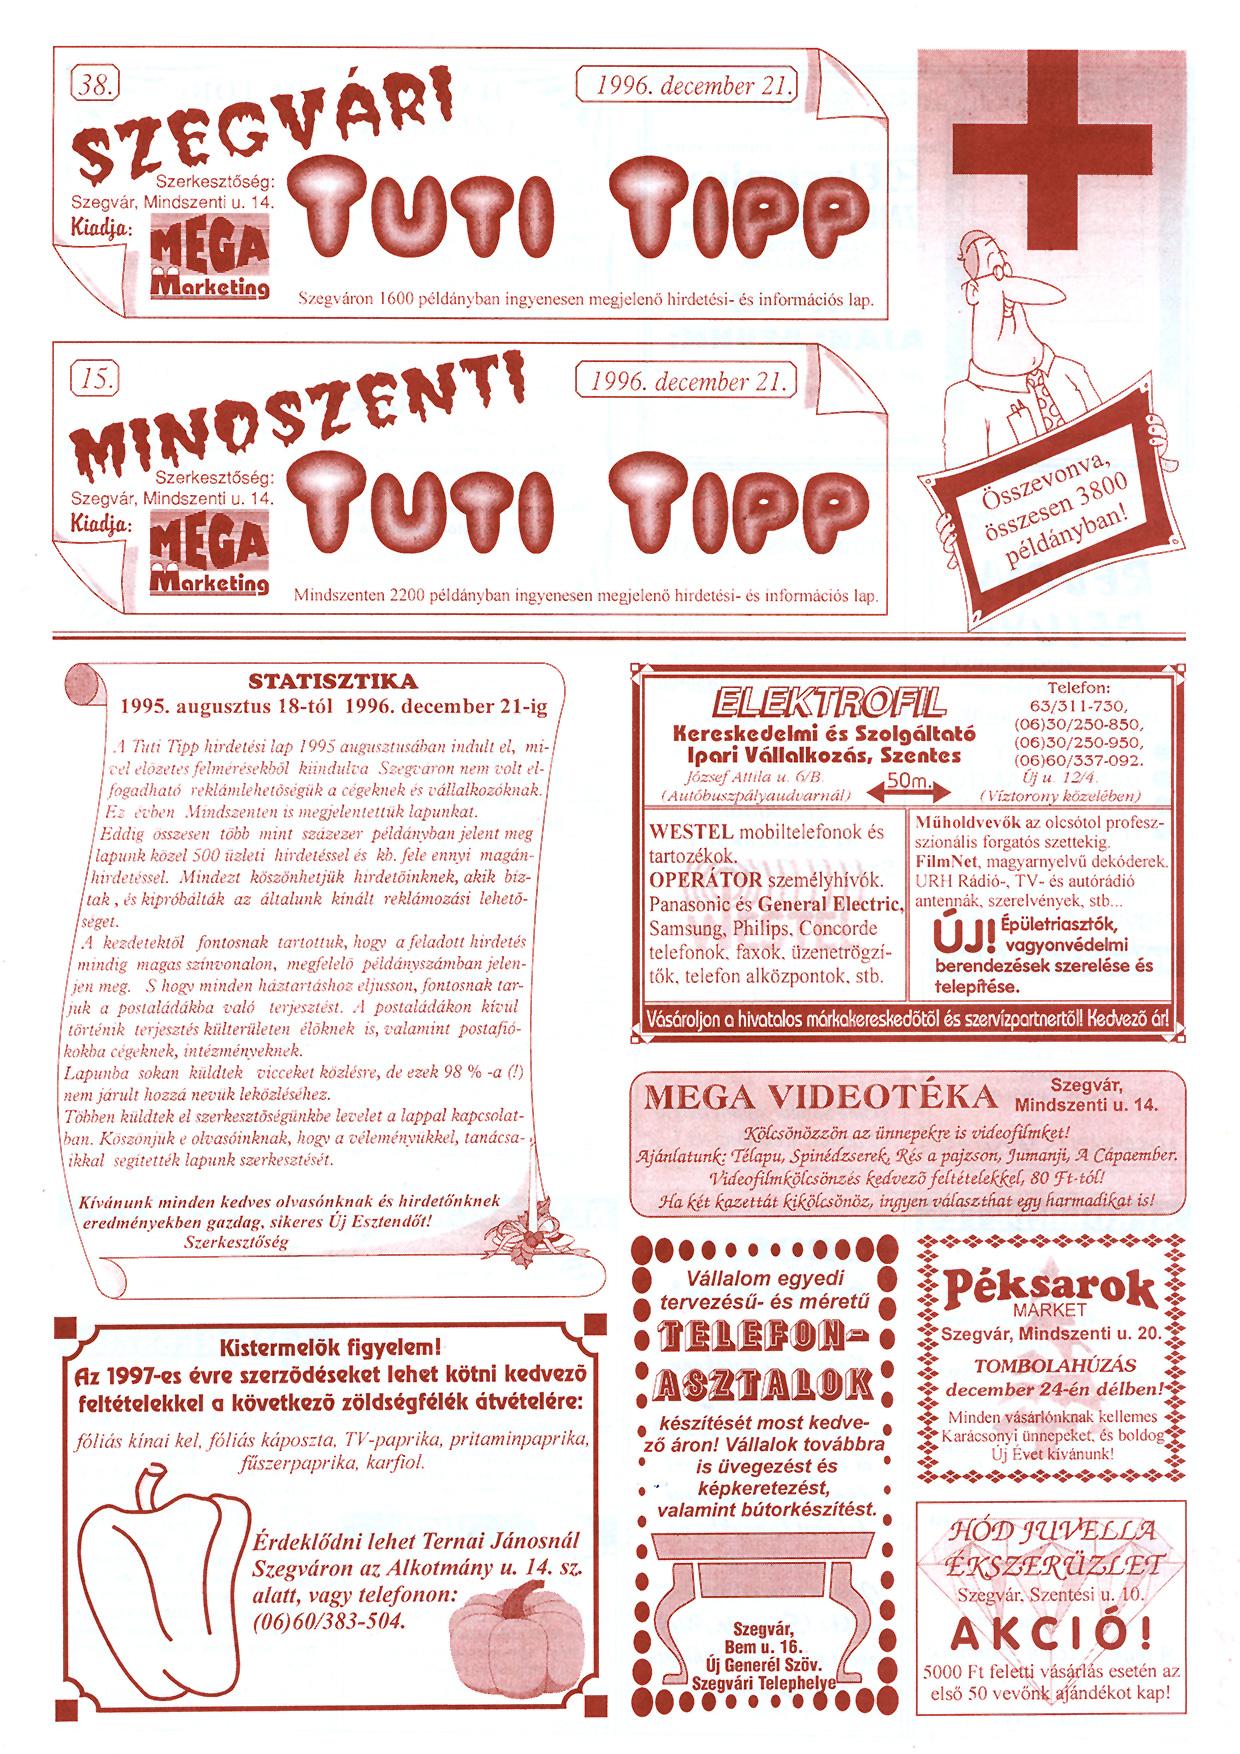 086 Szegvári és Mindszenti Tuti Tipp reklámújság - 19961221-038-15. lapszám - 1.oldal - II. évfolyam.jpg